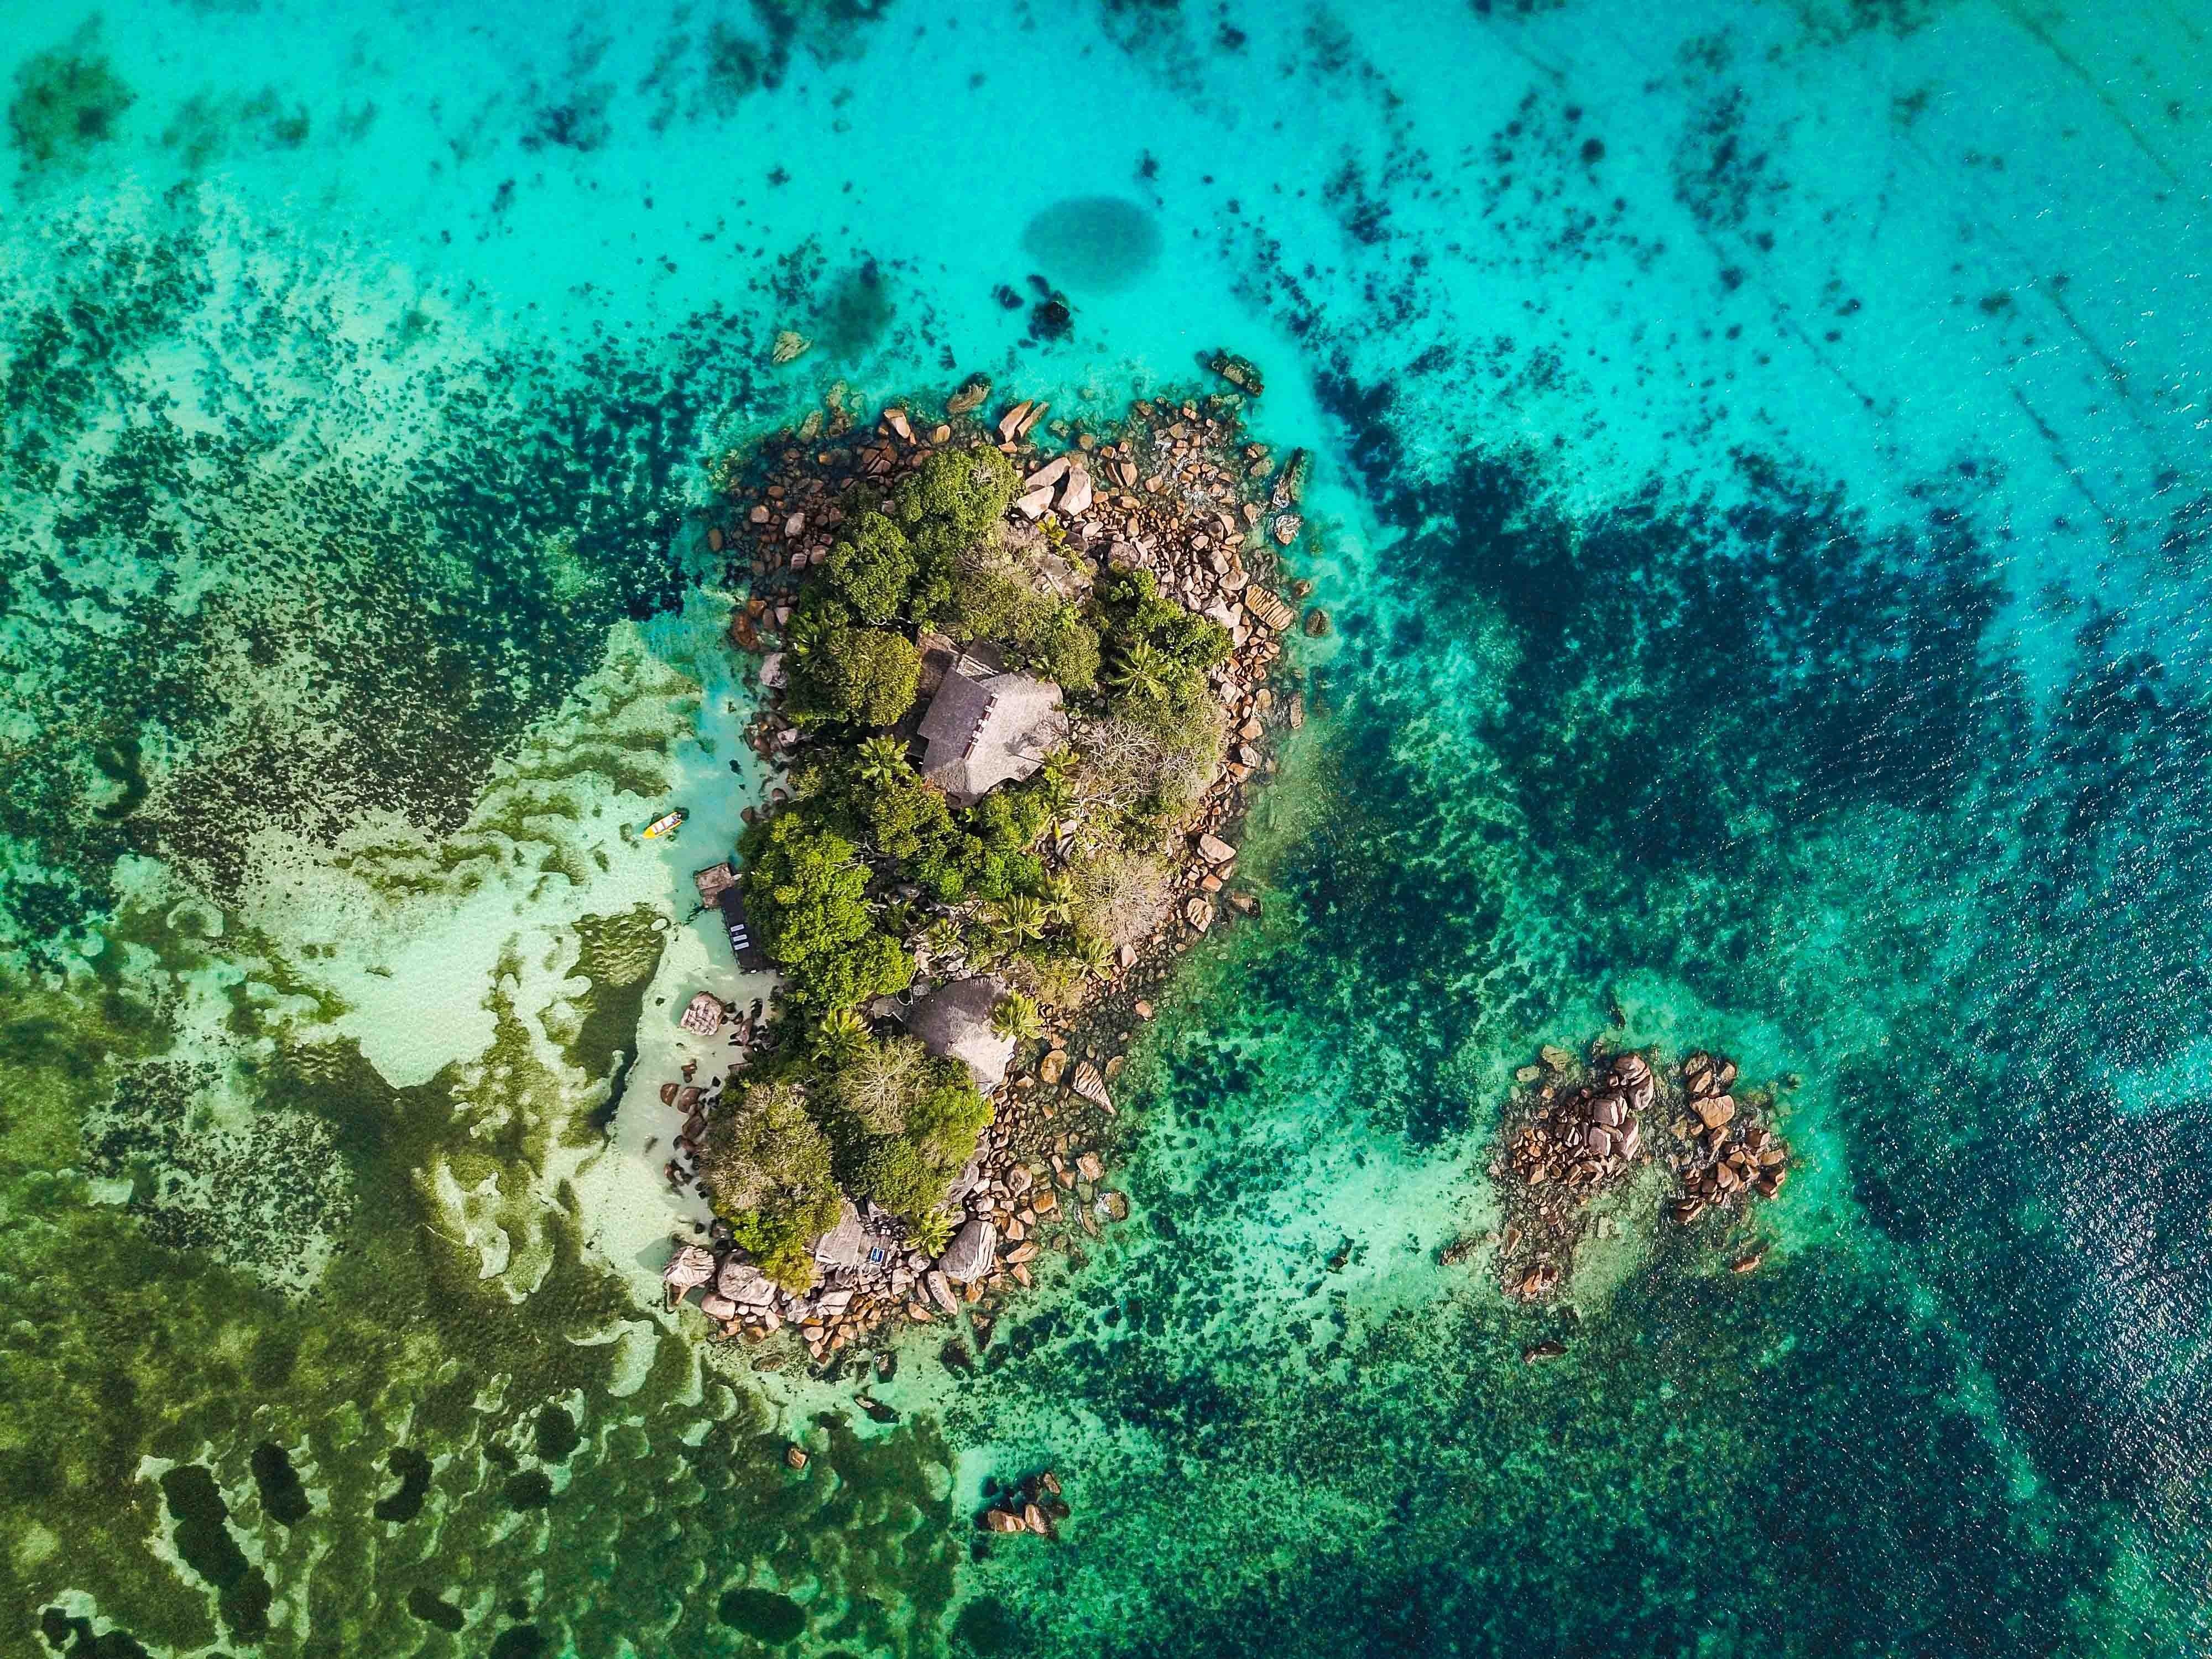 Cùng khám phá và chiêm ngưỡng 51 địa điểm đẹp nhất thế giới